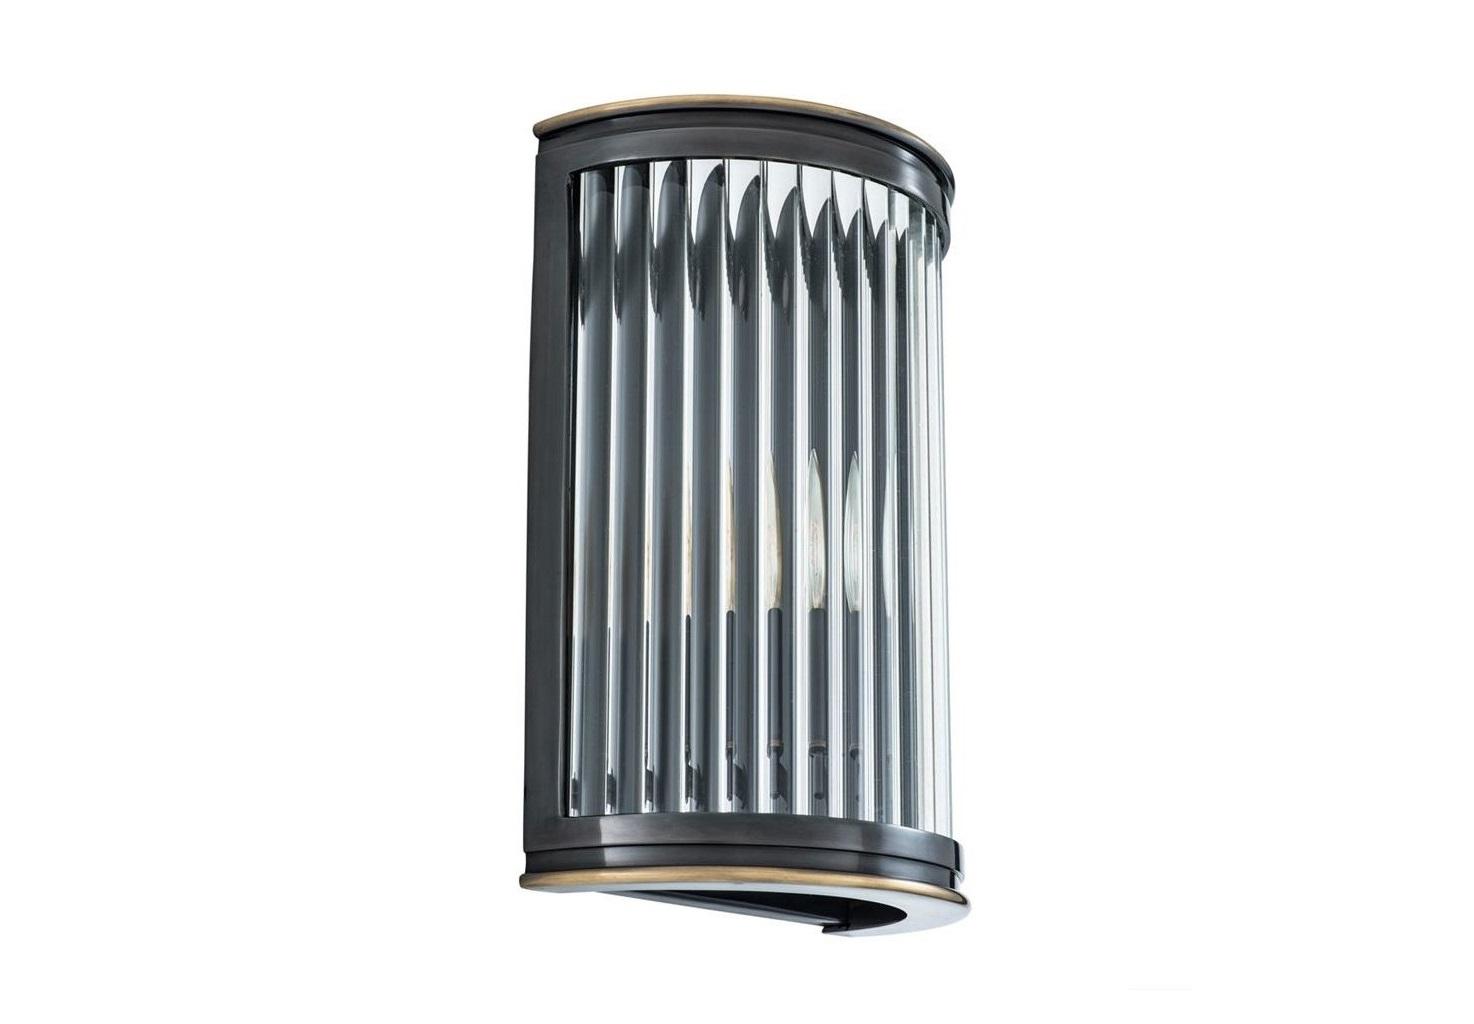 Настенный светильникБра<br>Настенный светильник Wall Lamp Alice выполнен из металла цвета пушечная бронза. Плафон выполнен из прозрачного фактурного стекла.&amp;lt;div&amp;gt;&amp;lt;br&amp;gt;&amp;lt;/div&amp;gt;&amp;lt;div&amp;gt;&amp;lt;div&amp;gt;Тип цоколя: E14&amp;lt;/div&amp;gt;&amp;lt;div&amp;gt;Мощность: 40W&amp;lt;/div&amp;gt;&amp;lt;div&amp;gt;Кол-во ламп: 1 (нет в комплекте)&amp;lt;/div&amp;gt;&amp;lt;/div&amp;gt;<br><br>Material: Металл<br>Width см: 21<br>Depth см: 11<br>Height см: 31,5